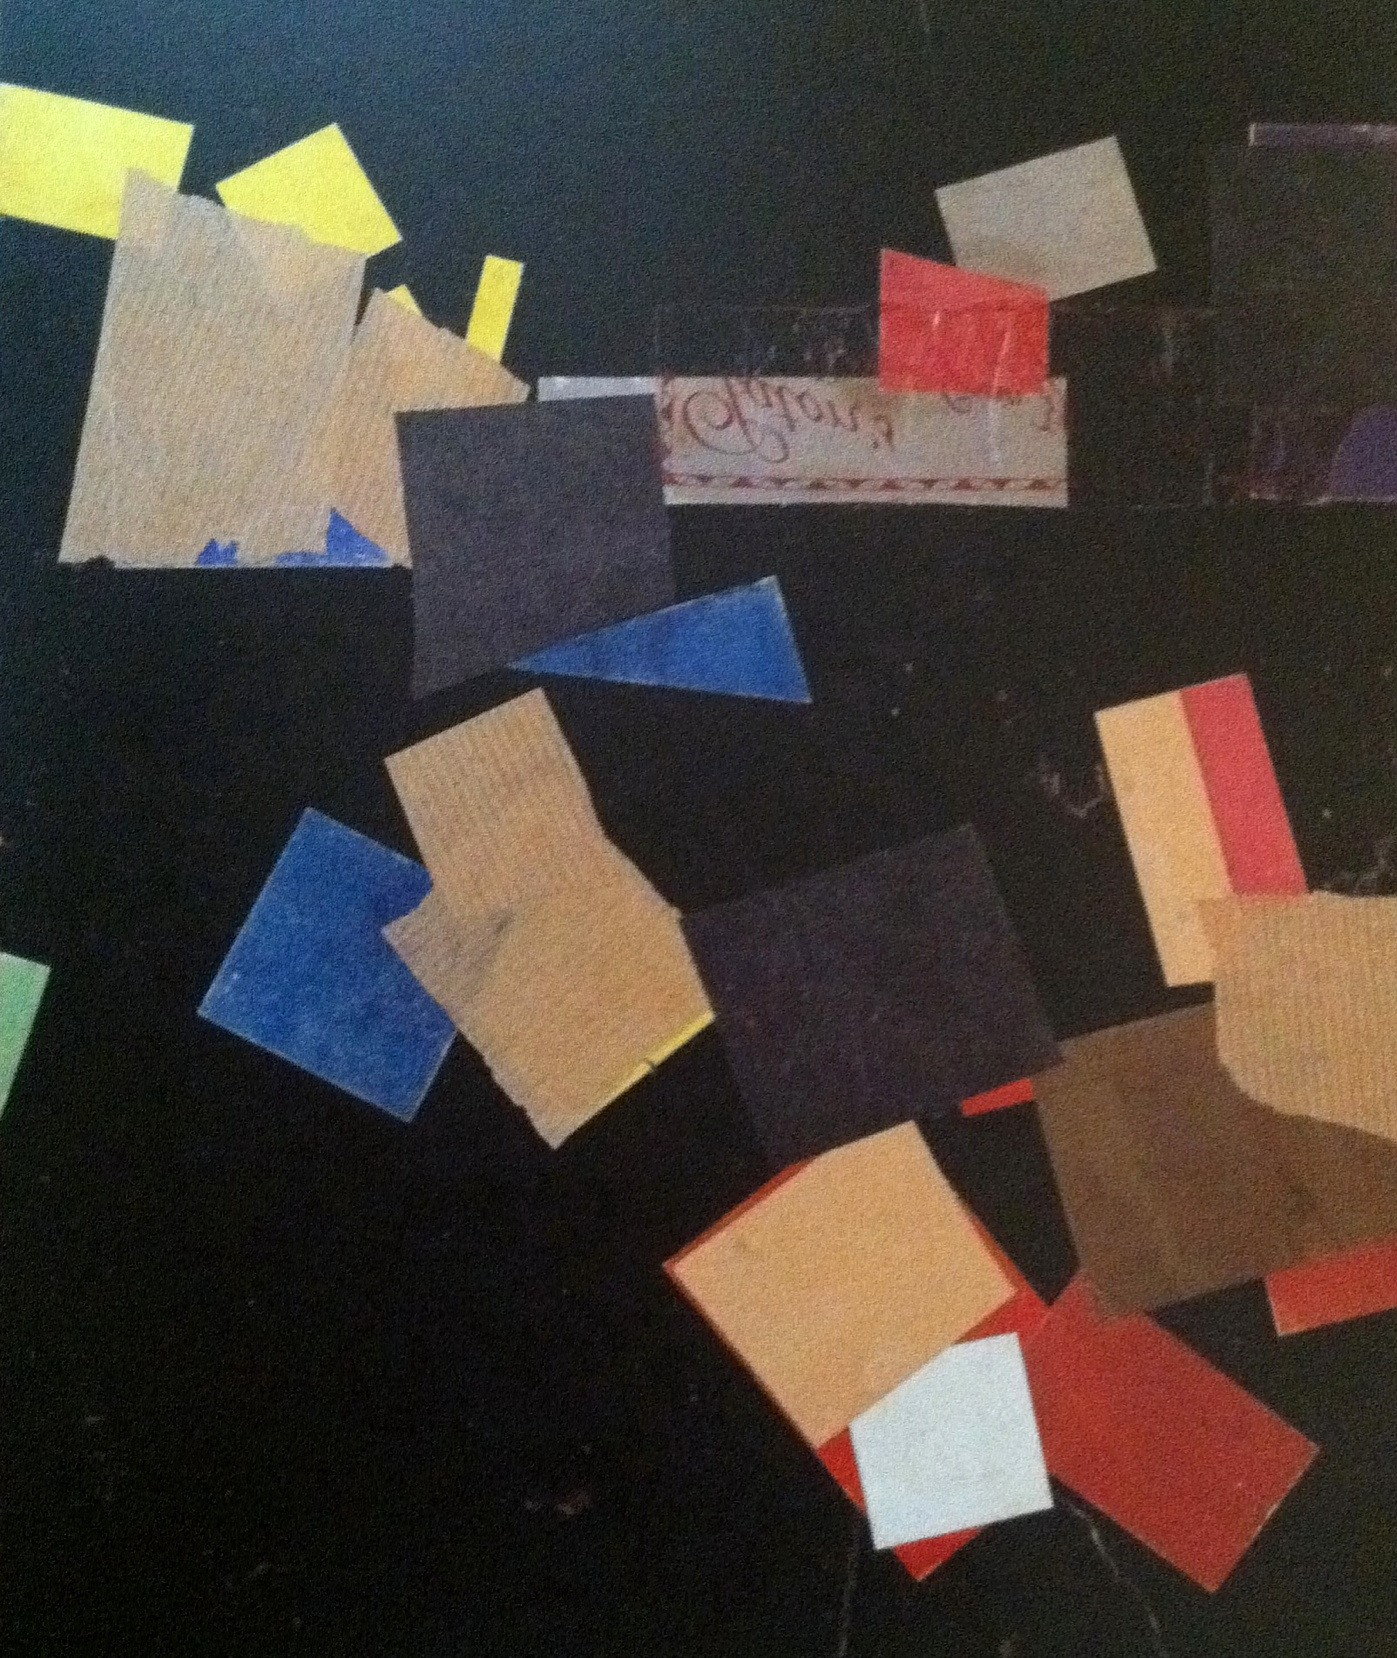 Kurt schwitters collage what glue